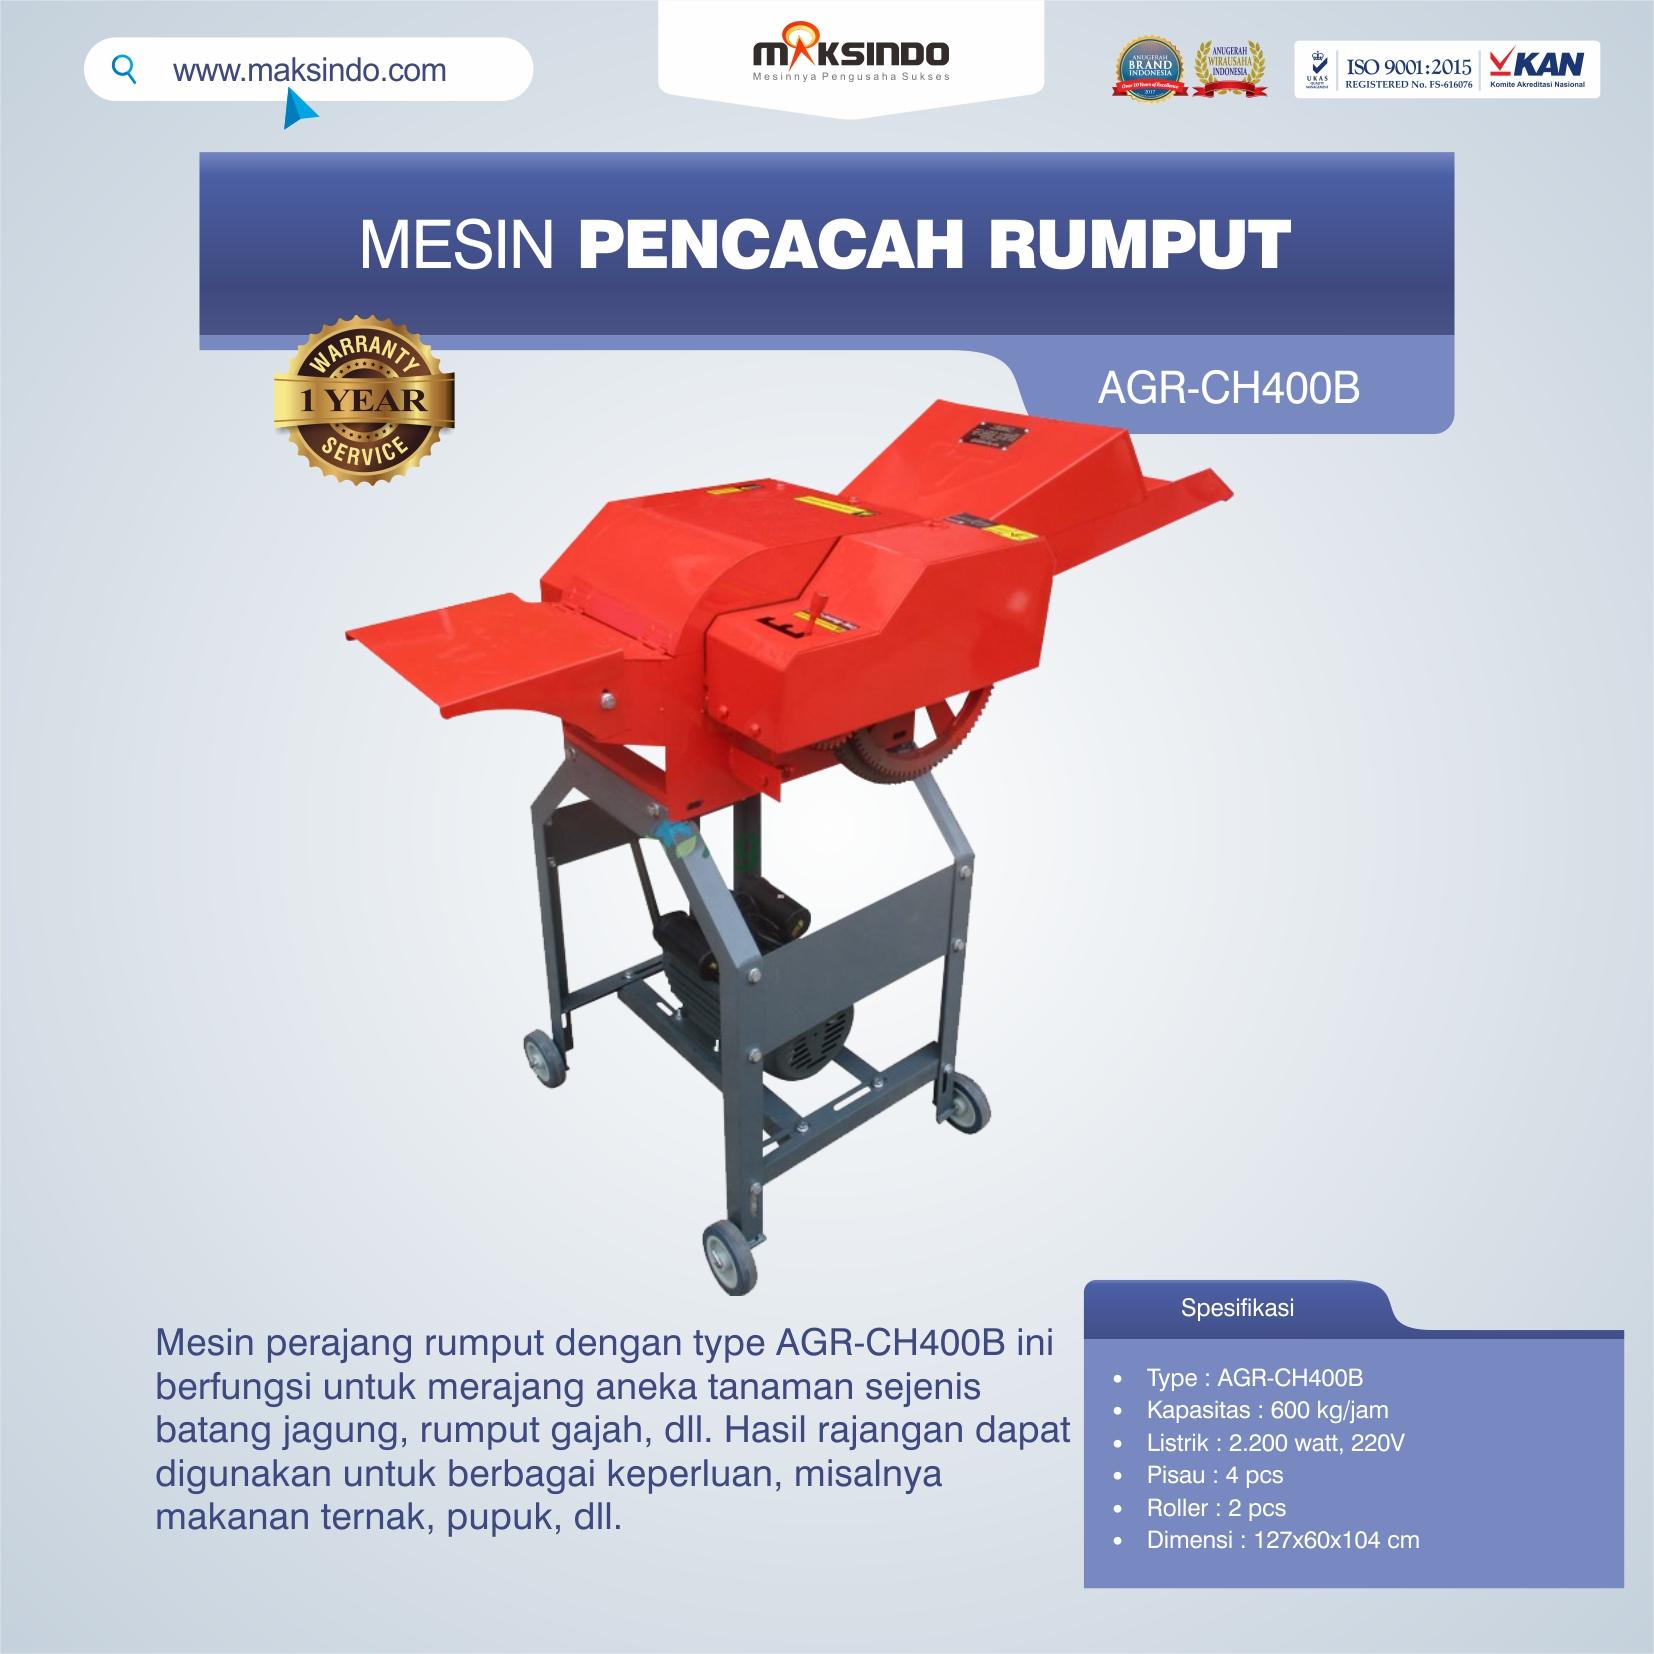 Jual Mesin Pencacah RumputAGR-CH400B di Makassar